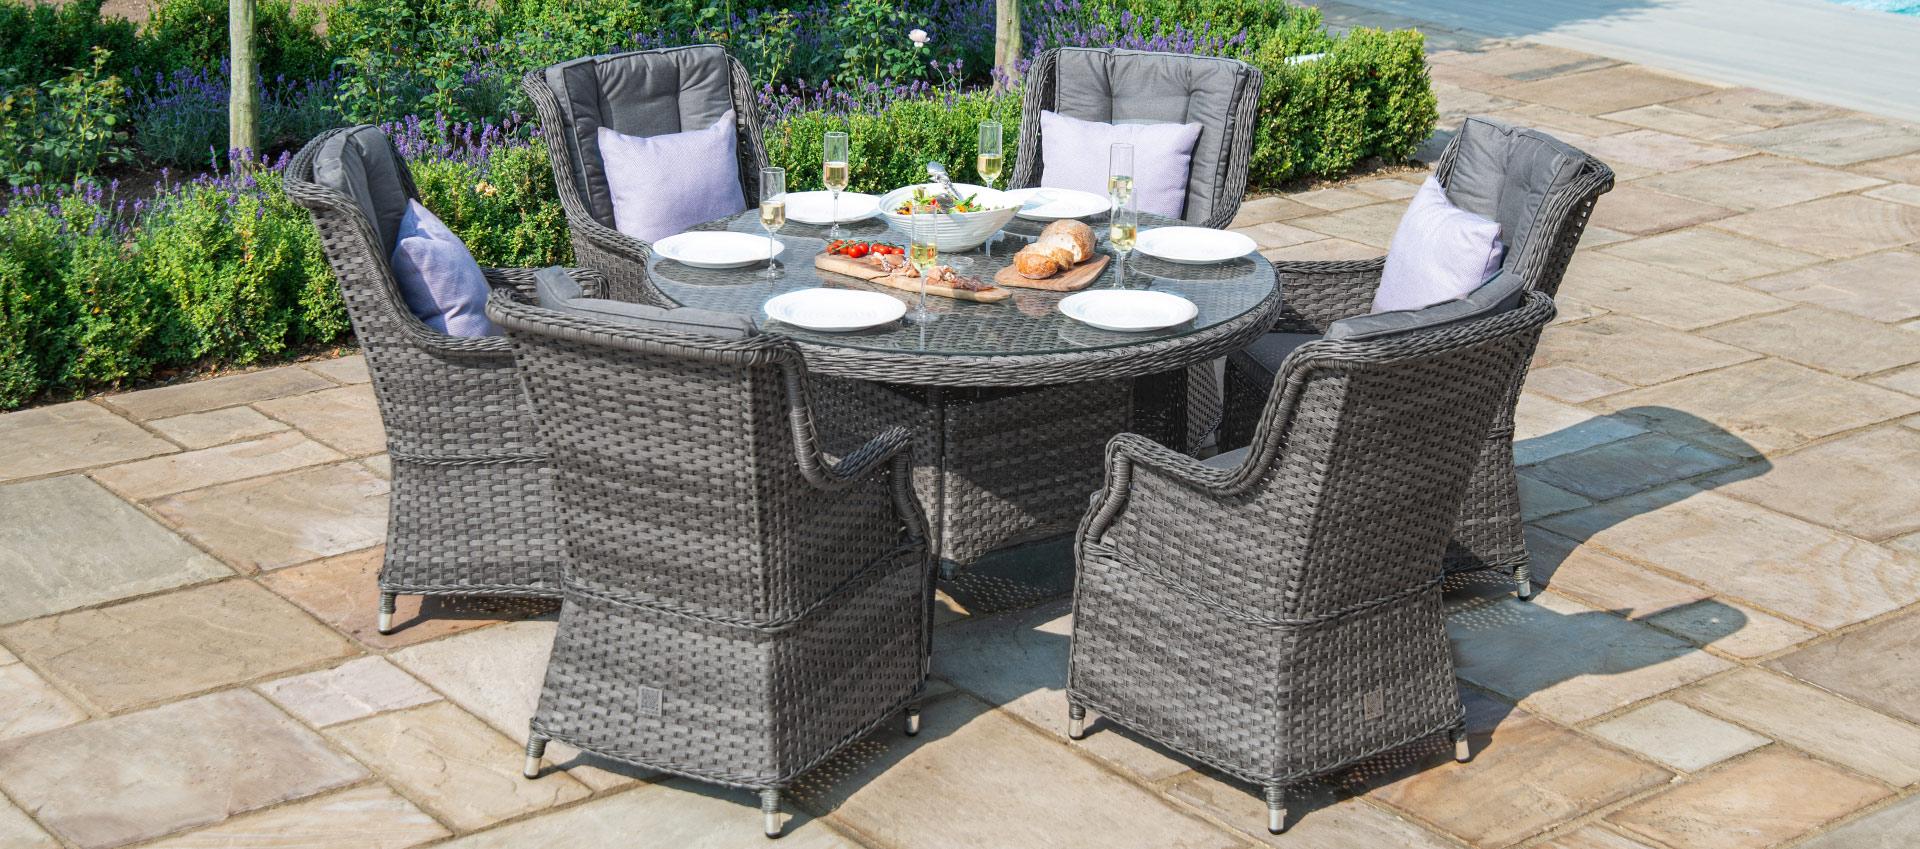 Maze Rattan - Victoria 6 Seat Round Dining Set